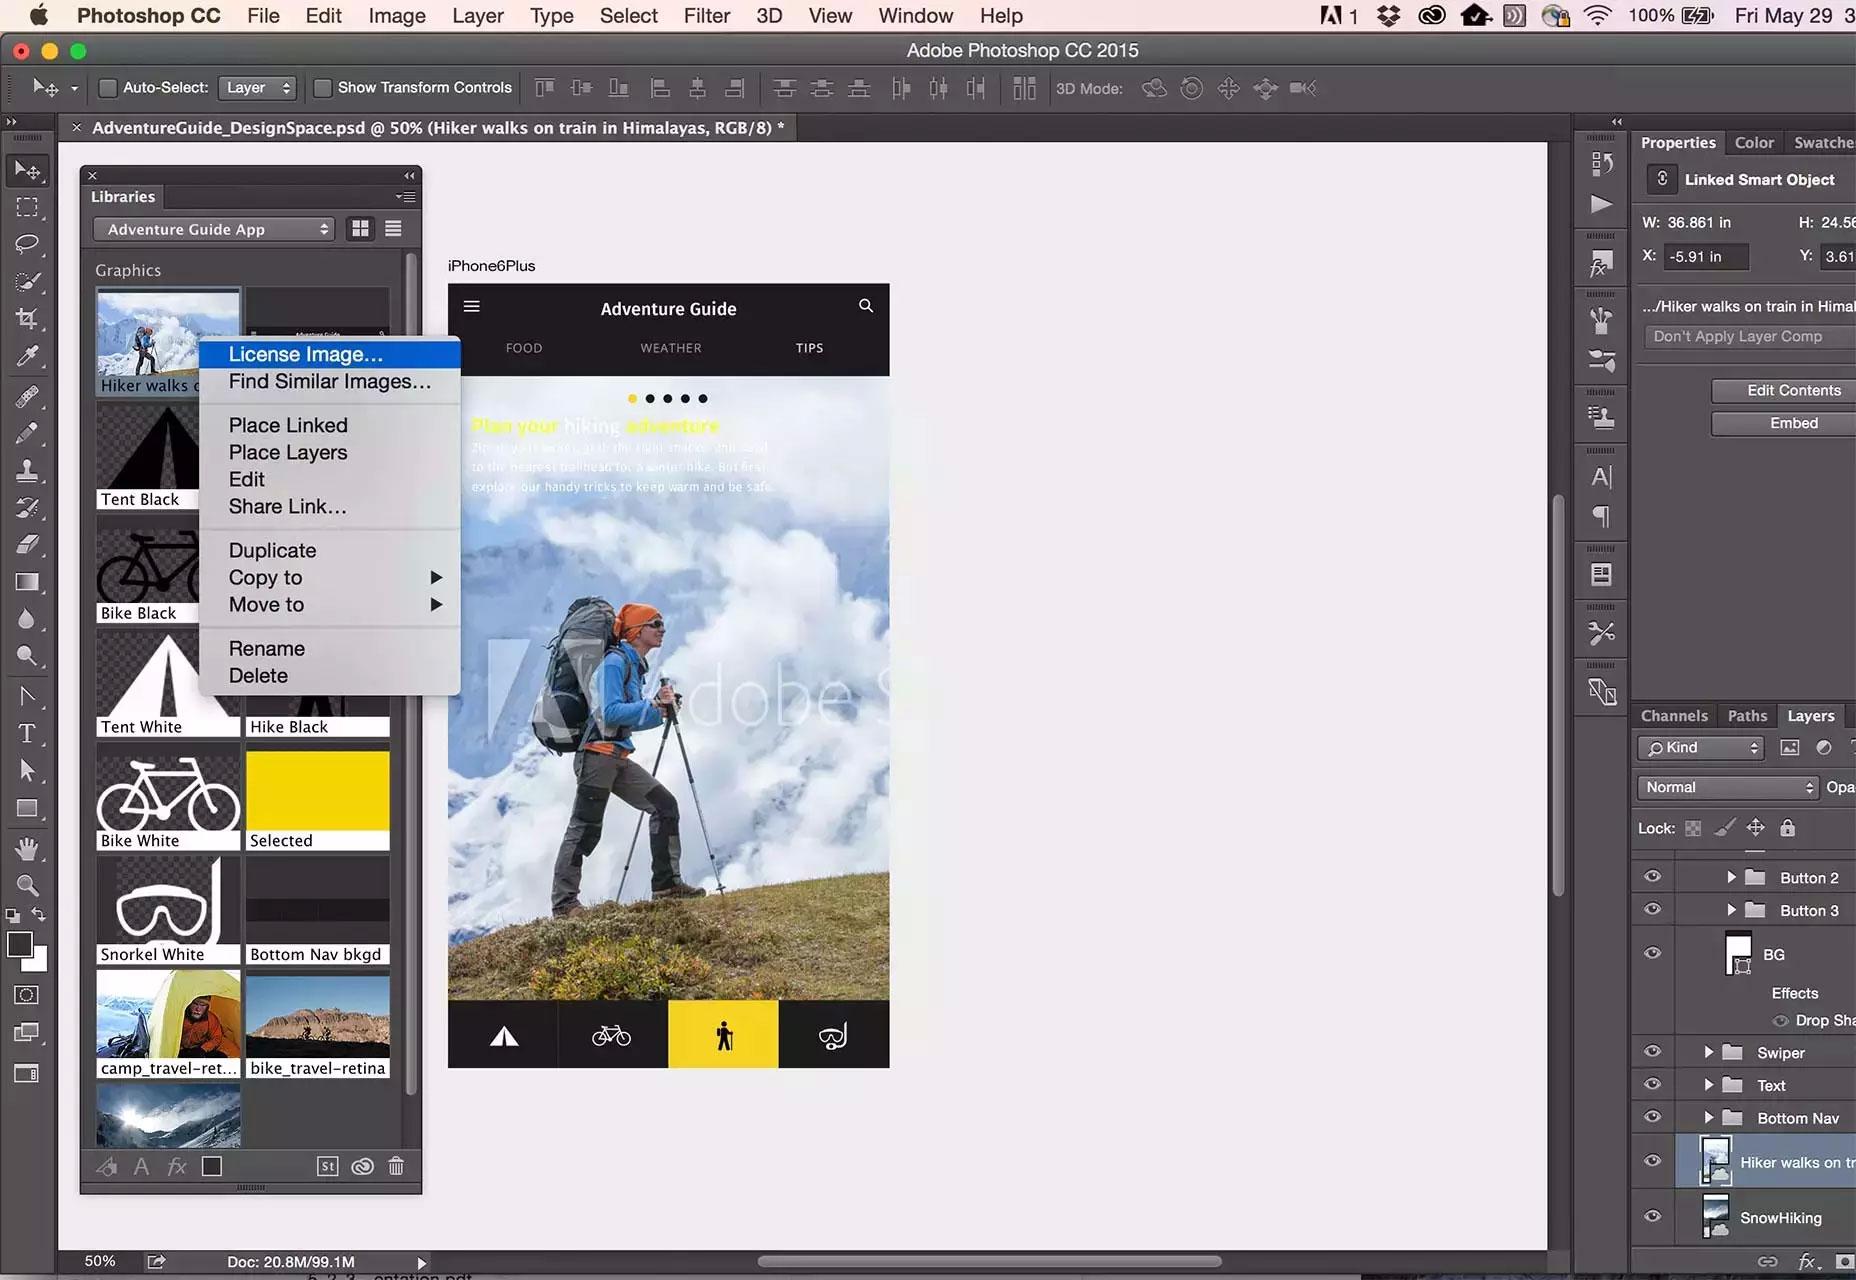 Adobe Photoshop CC 2015 破解版下载(MAC/PC)5